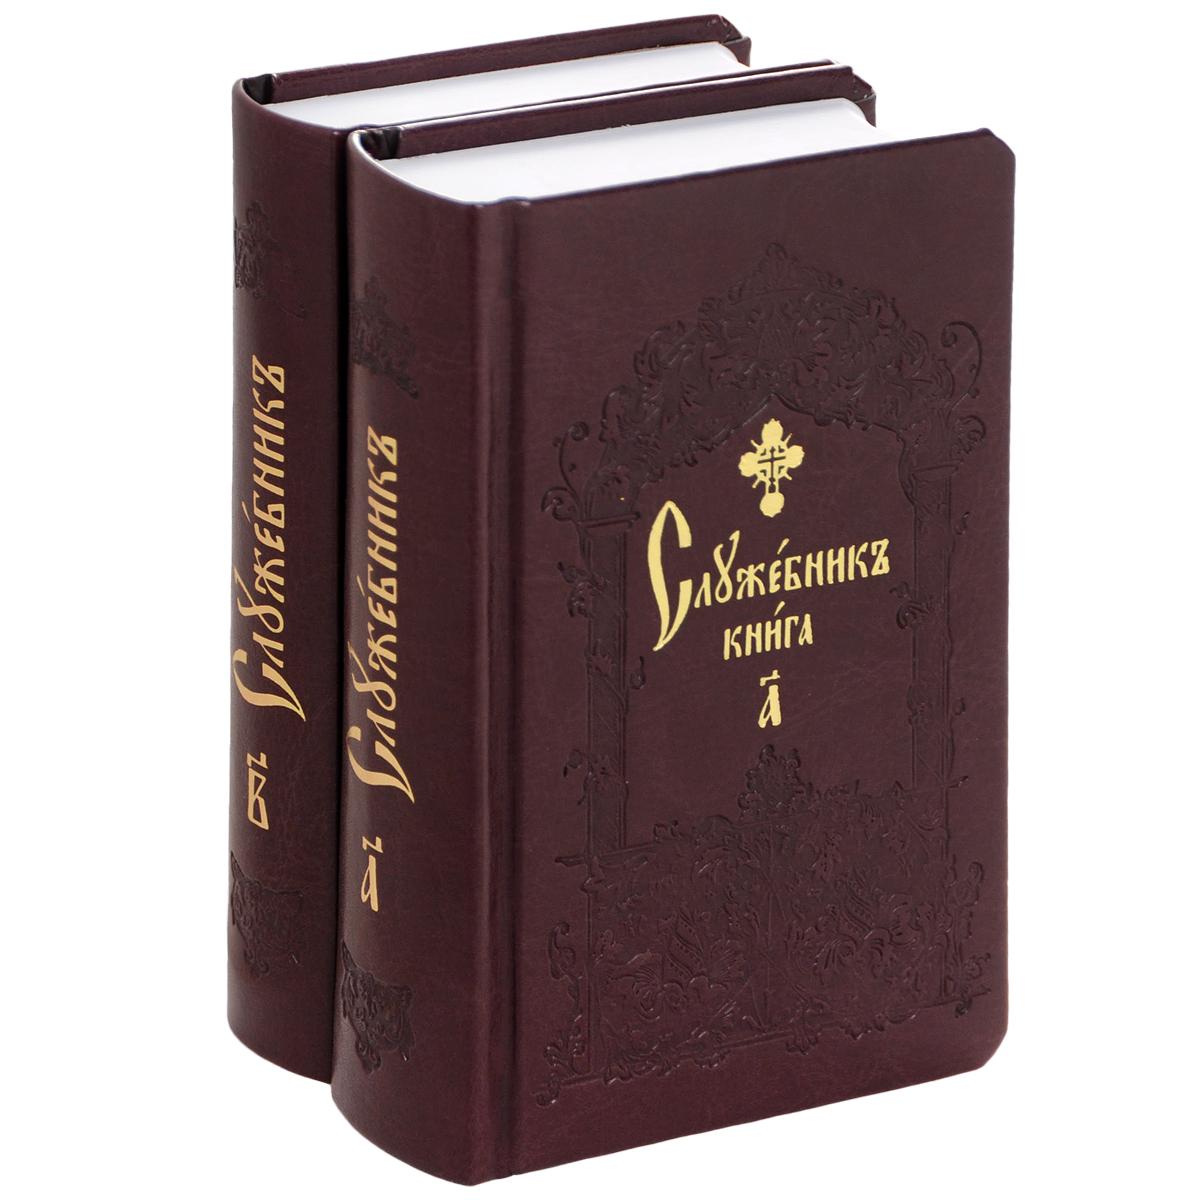 Служебник. В 2 книгах (комплект) протопресвитер борис бобринский тайна пресвятой троицы курс догматического богословия